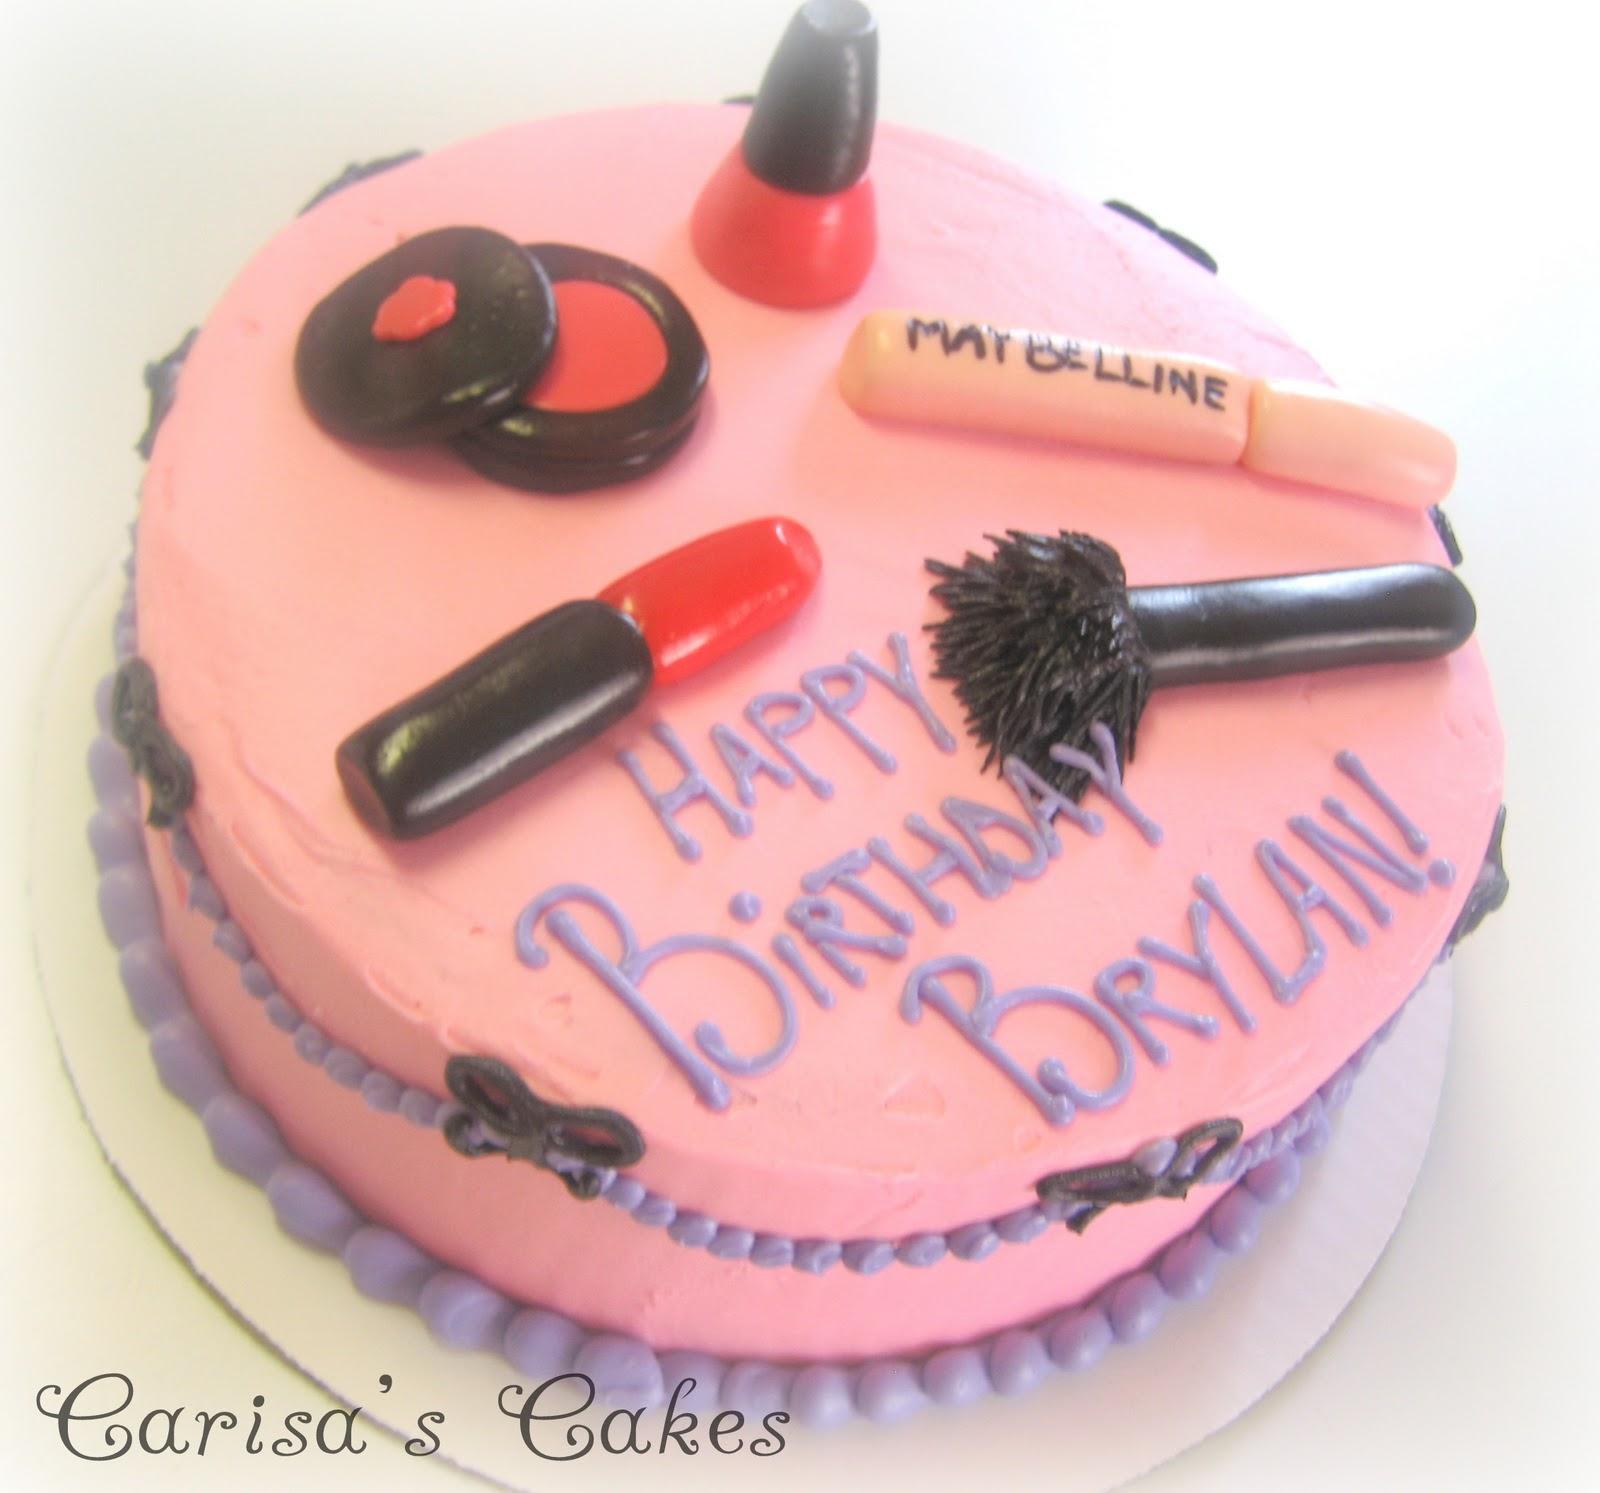 Makeup Cake Images : Carisa s Cakes: A Makeup Birthday Cake!